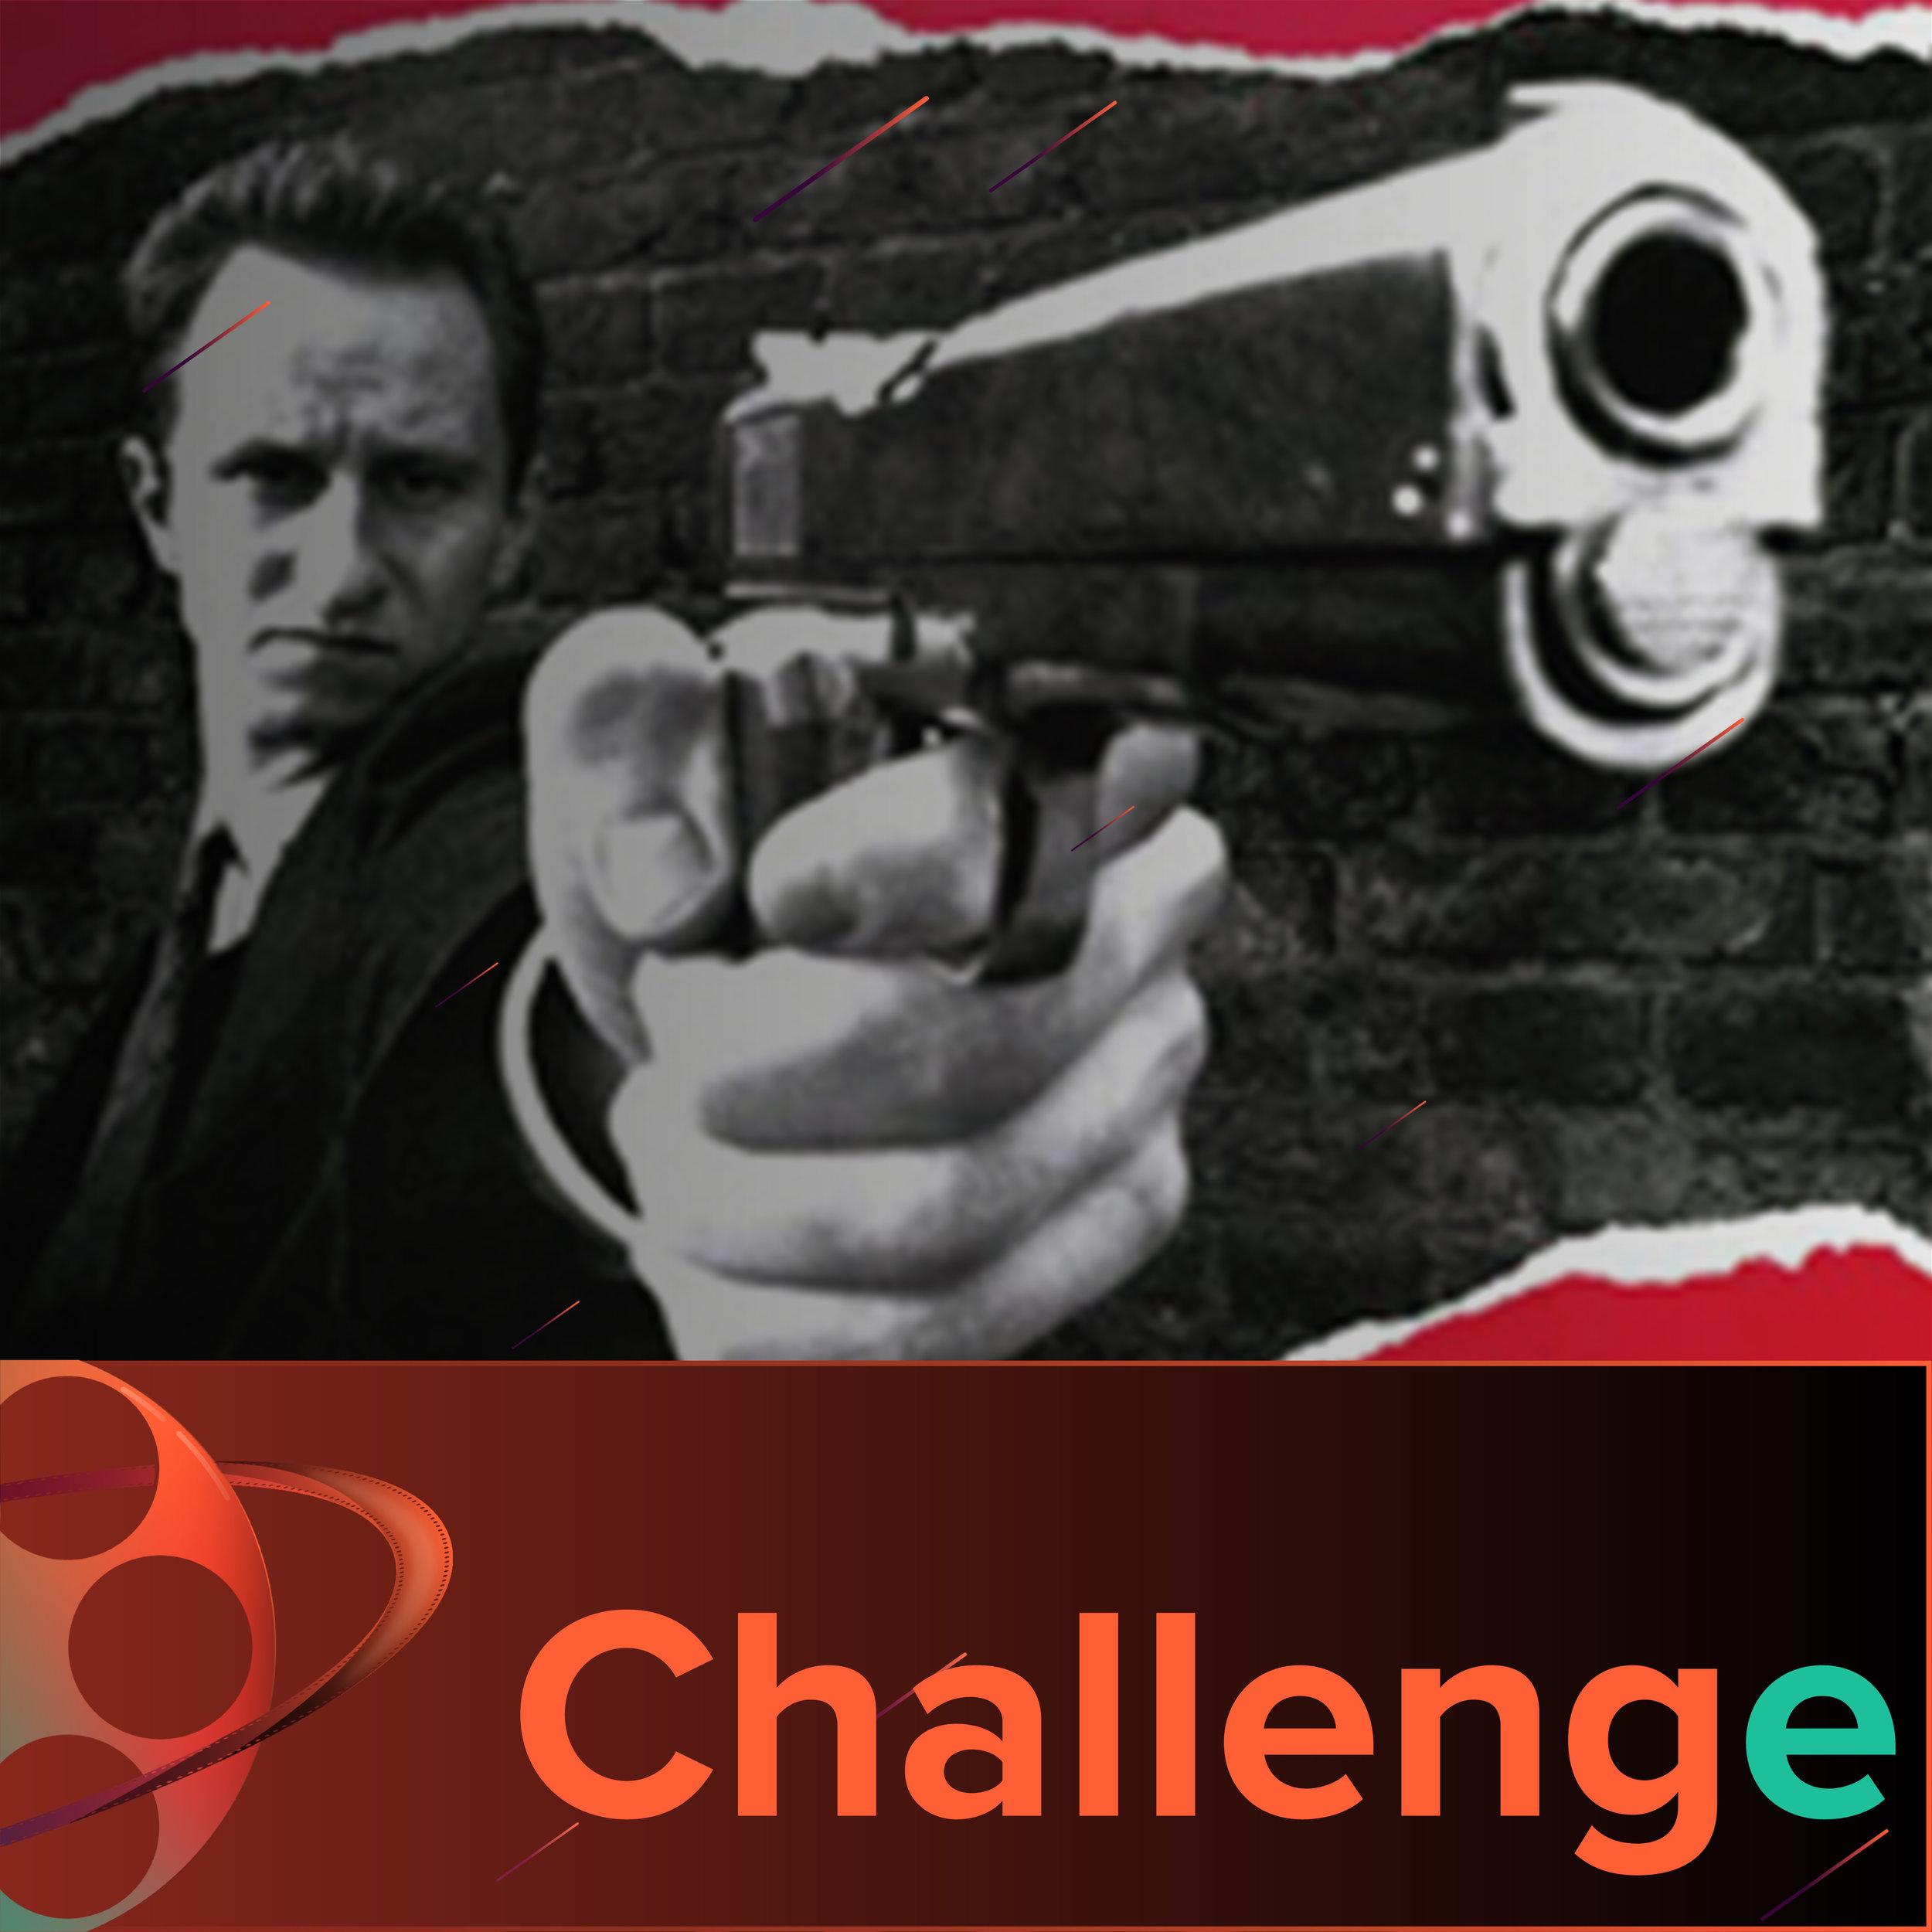 Challenge_Cover_ManBitesDog.jpg